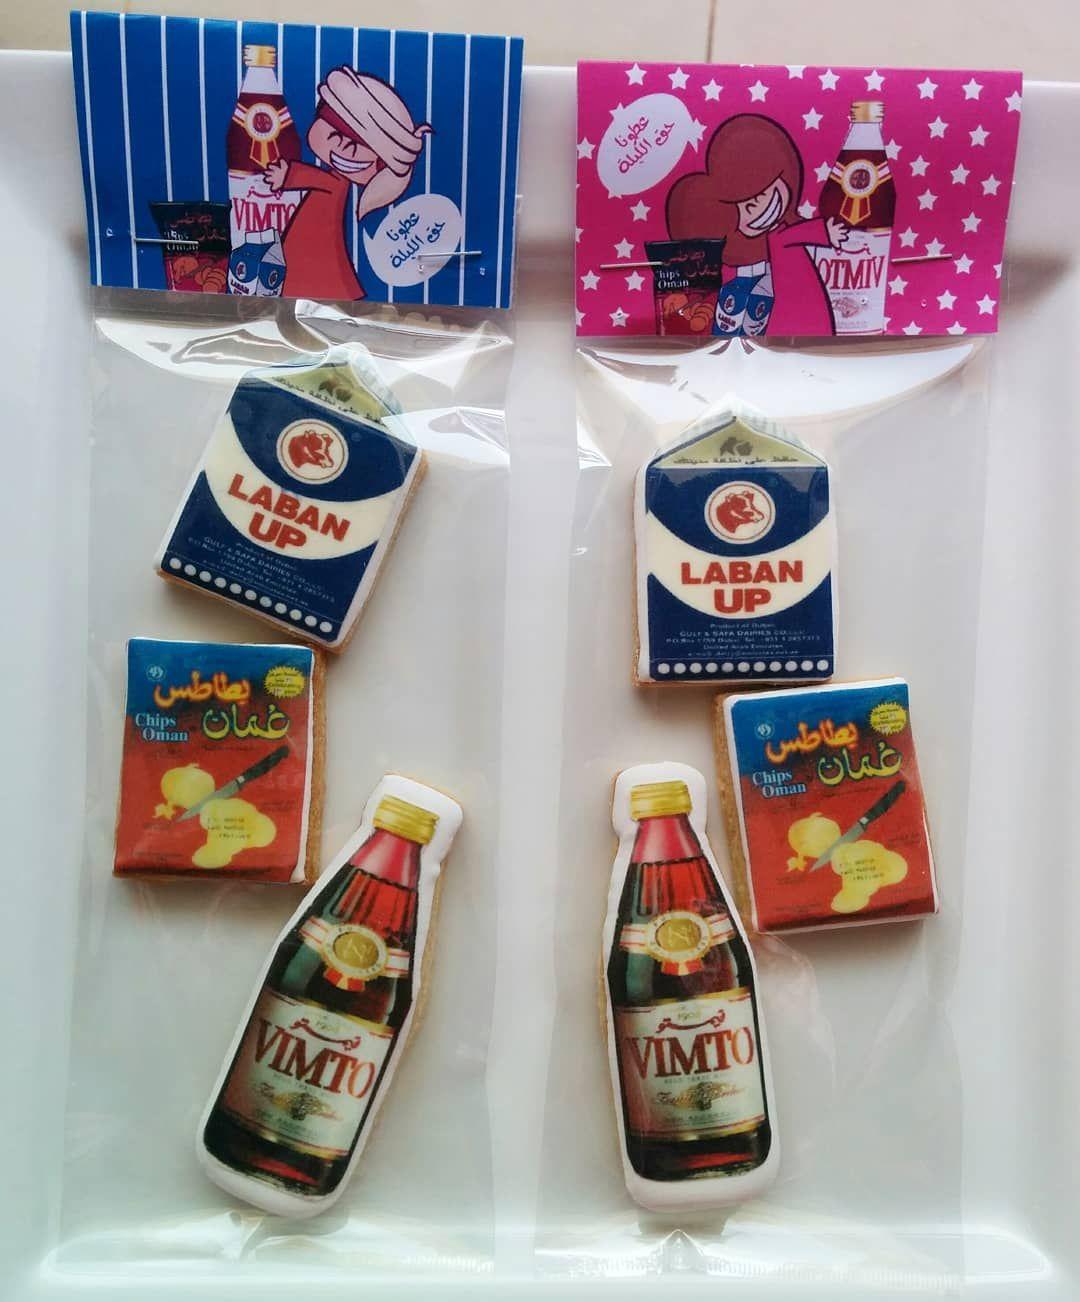 توزيعات قرقيعان قرقيعان حق الليلة توزيعات حق الليلة Vimto Pop Tarts Snack Recipes